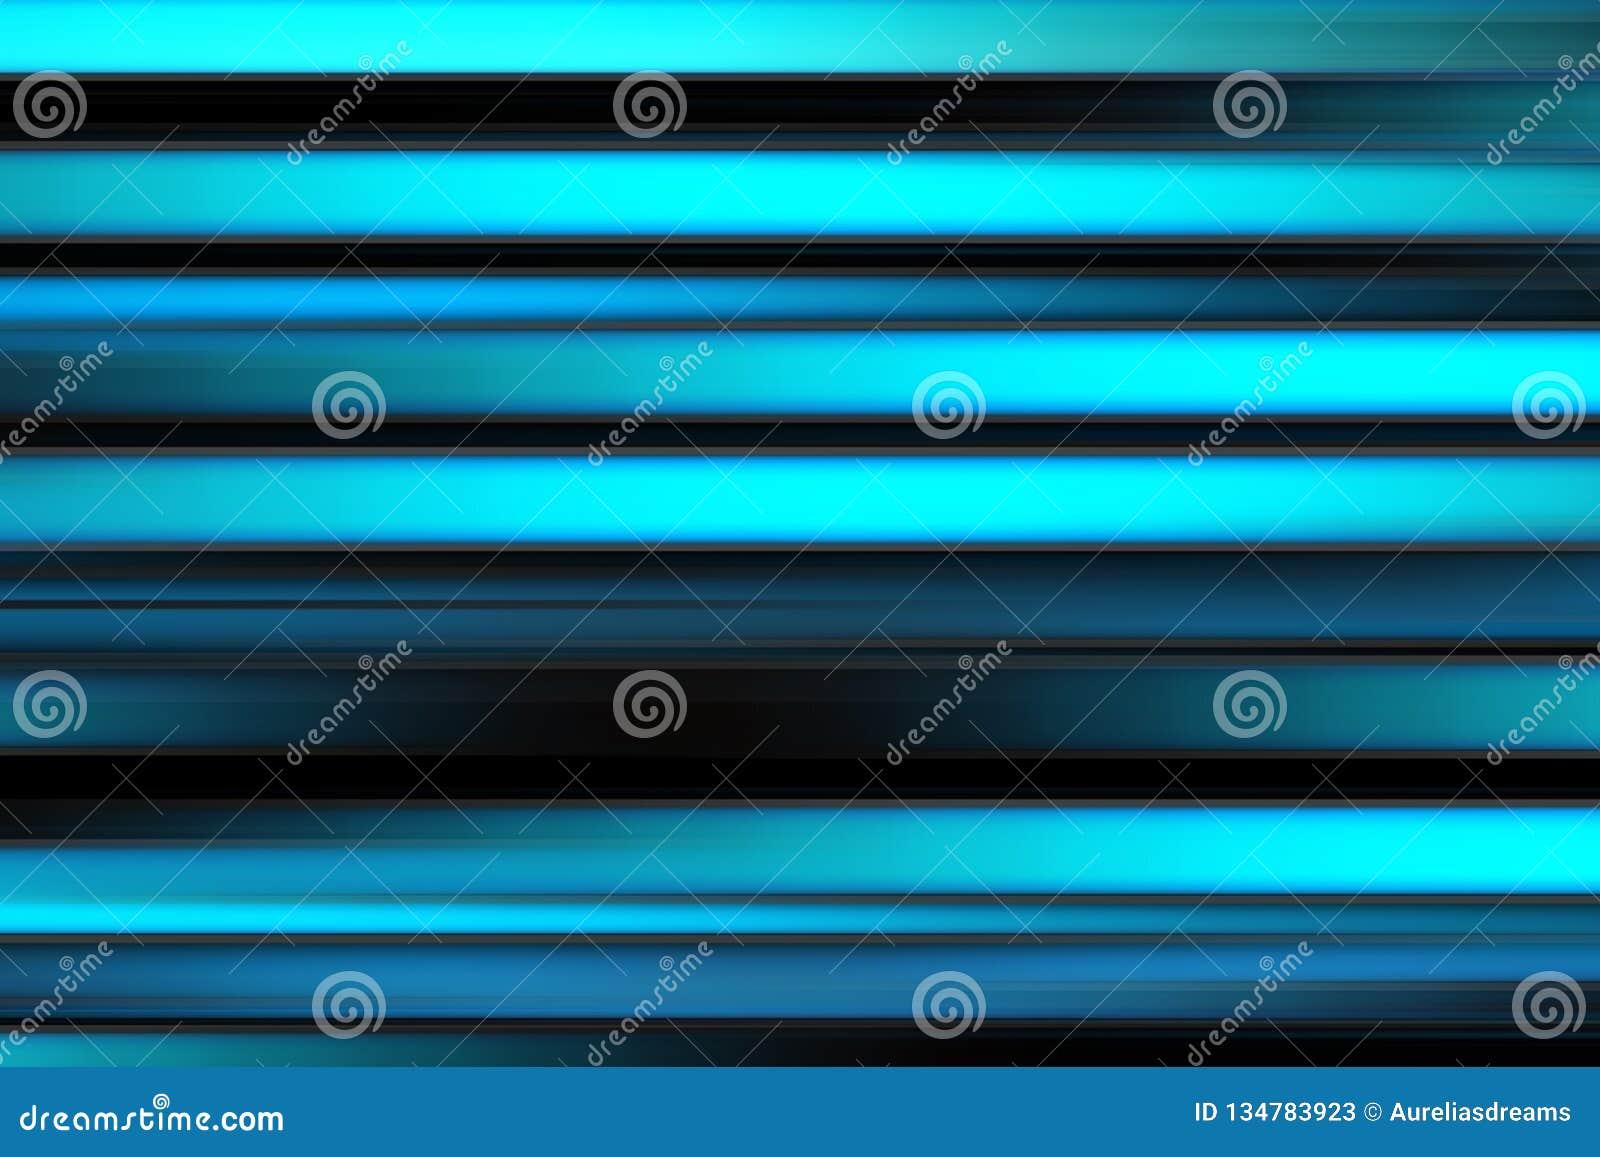 Líneas brillantes abstractas coloridas fondo, textura rayada horizontal en tonos negros, azules y ciánicos